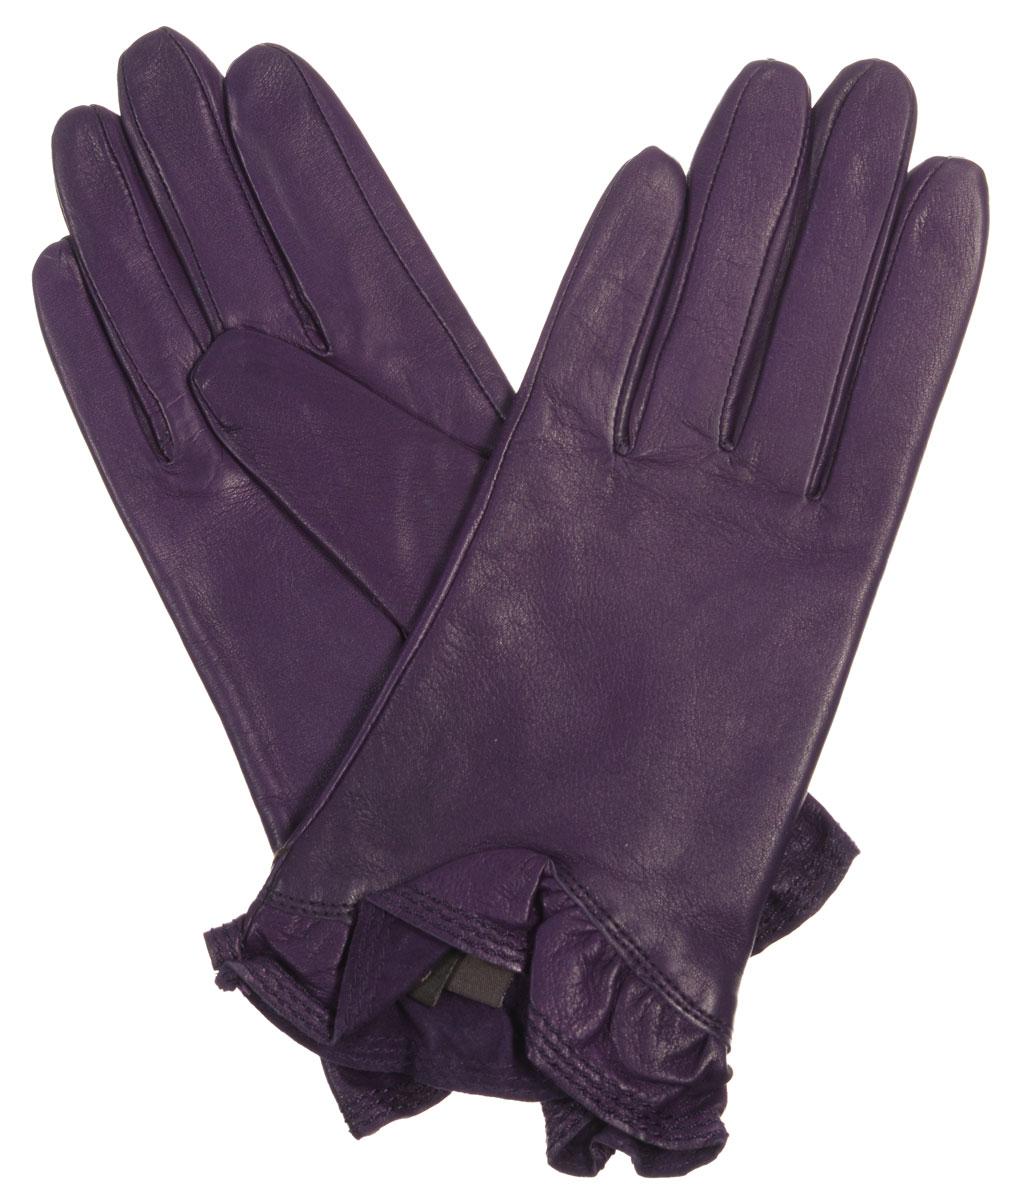 Перчатки женские Eleganzza, цвет: фиолетовый. IS01818. Размер 7IS01818Стильные женские перчатки Eleganzza выполнены из чрезвычайно мягкой и приятной на ощупь натуральной кожи ягненка, а их подкладка - из 100% шелка. Модель декорирована кожаной оборкой по краю манжеты. В настоящее время перчатки являются неотъемлемой принадлежностью одежды, вместе с этим аксессуаром вы обретаете женственность и элегантность. Они станут завершающим и подчеркивающим элементом вашего стиля и неповторимости.